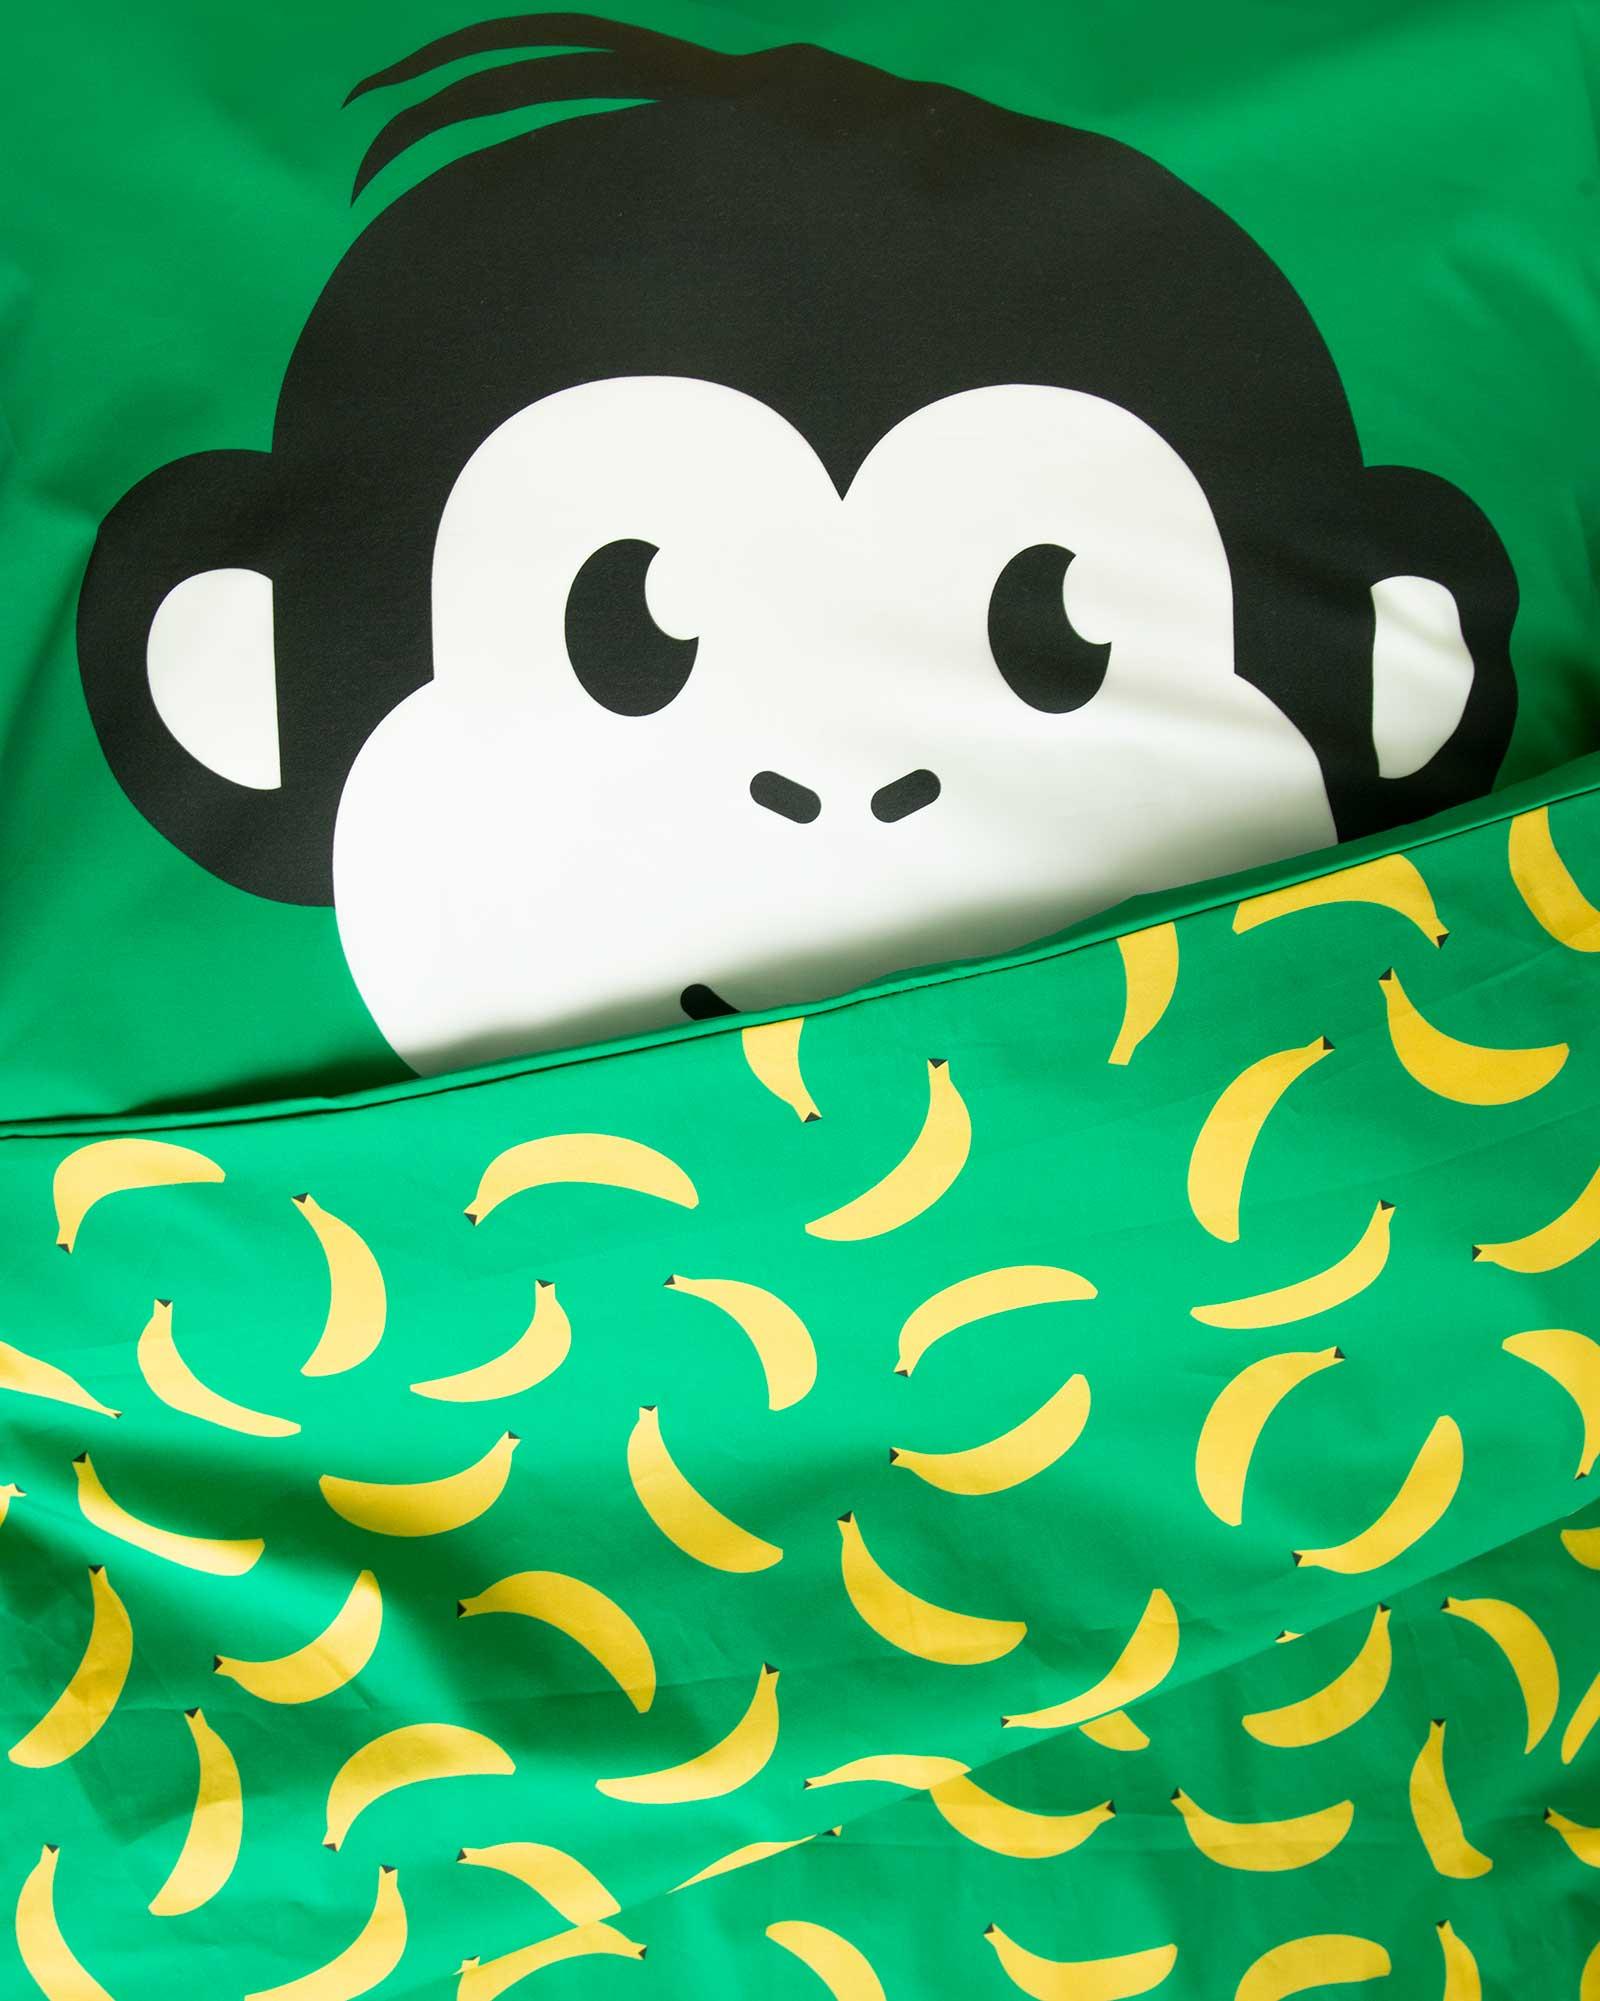 Peuter junior dekbedovertrek aapje Pie groen 120 x 150 Let's go bananas detail